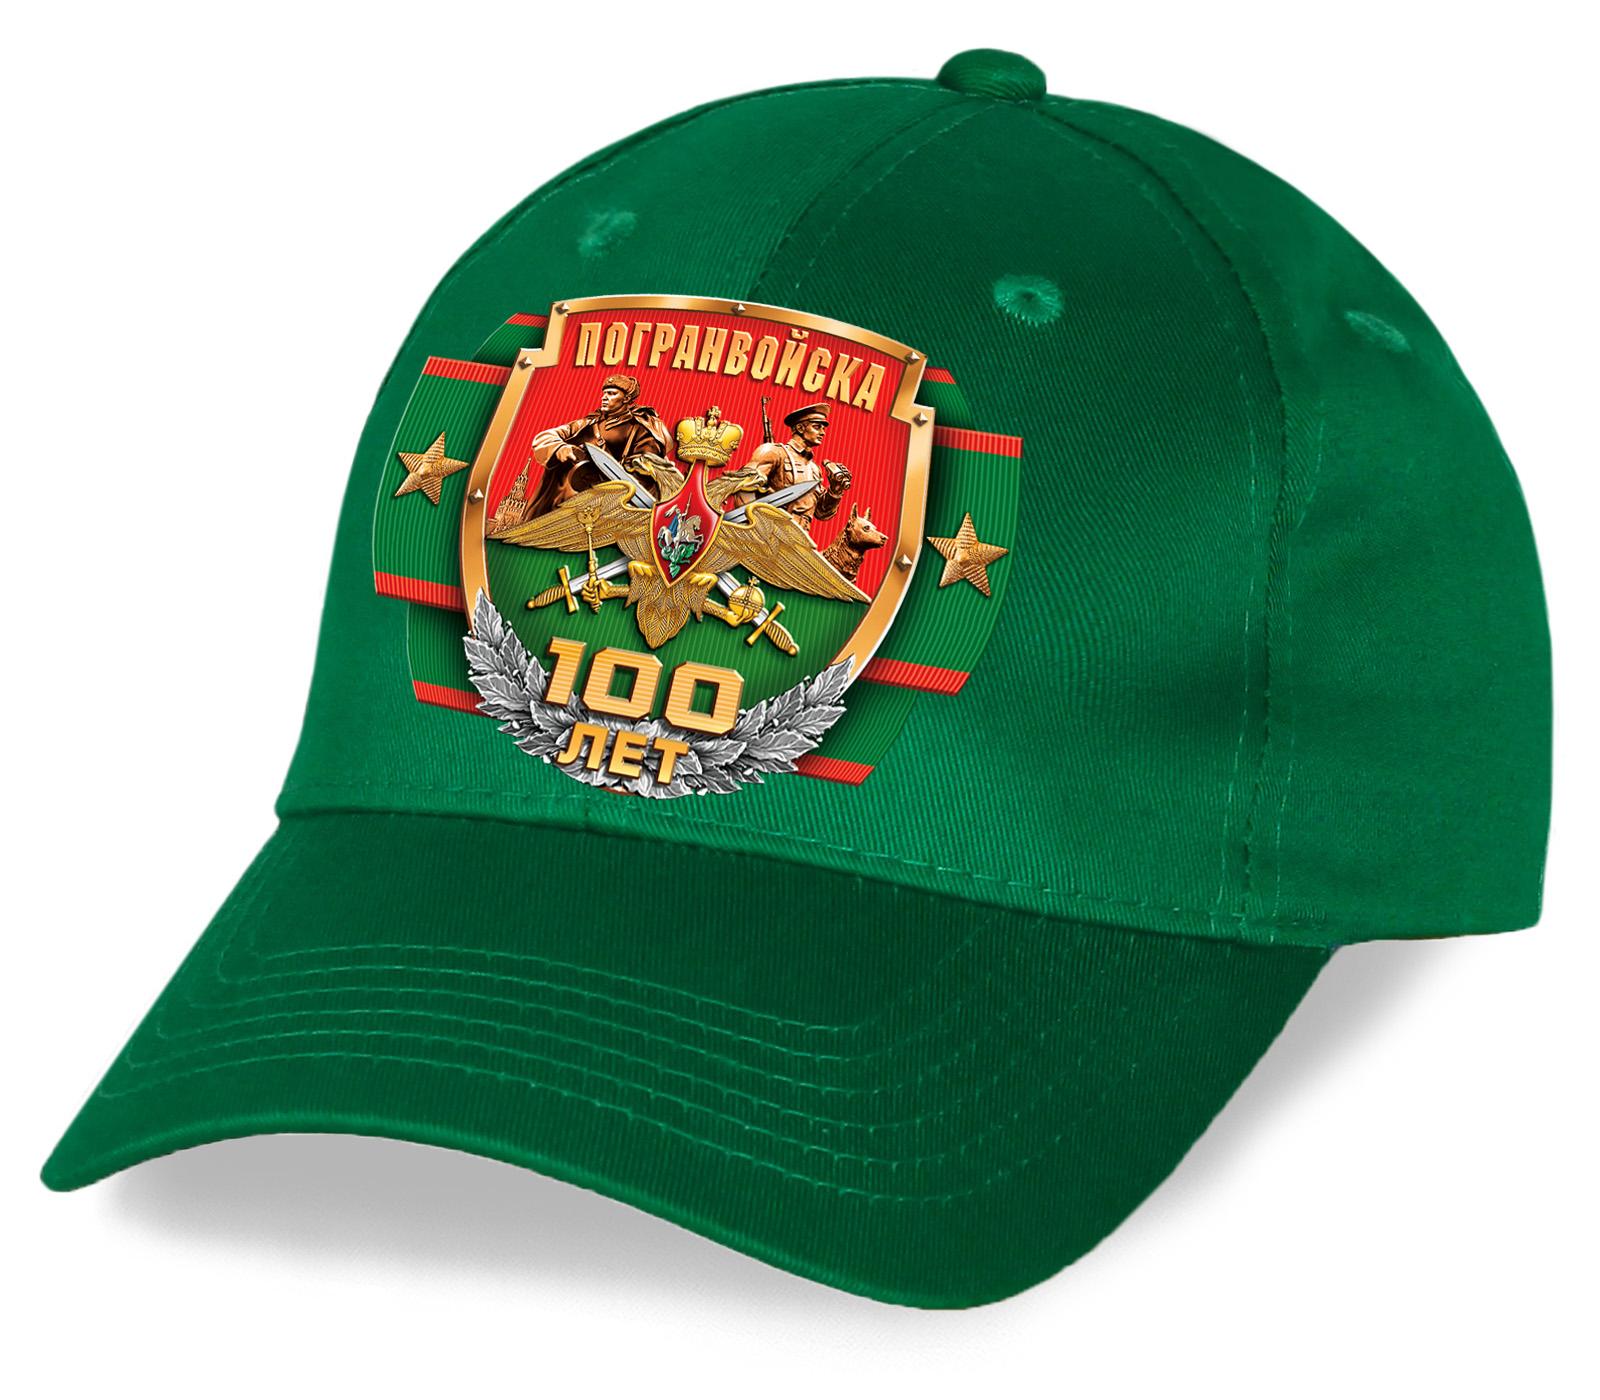 """Хлопковая кепка """"100 лет Погранвойска"""" в авторском дизайне. 100% качество. Достойный подарок для пограничника к юбилейной дате"""